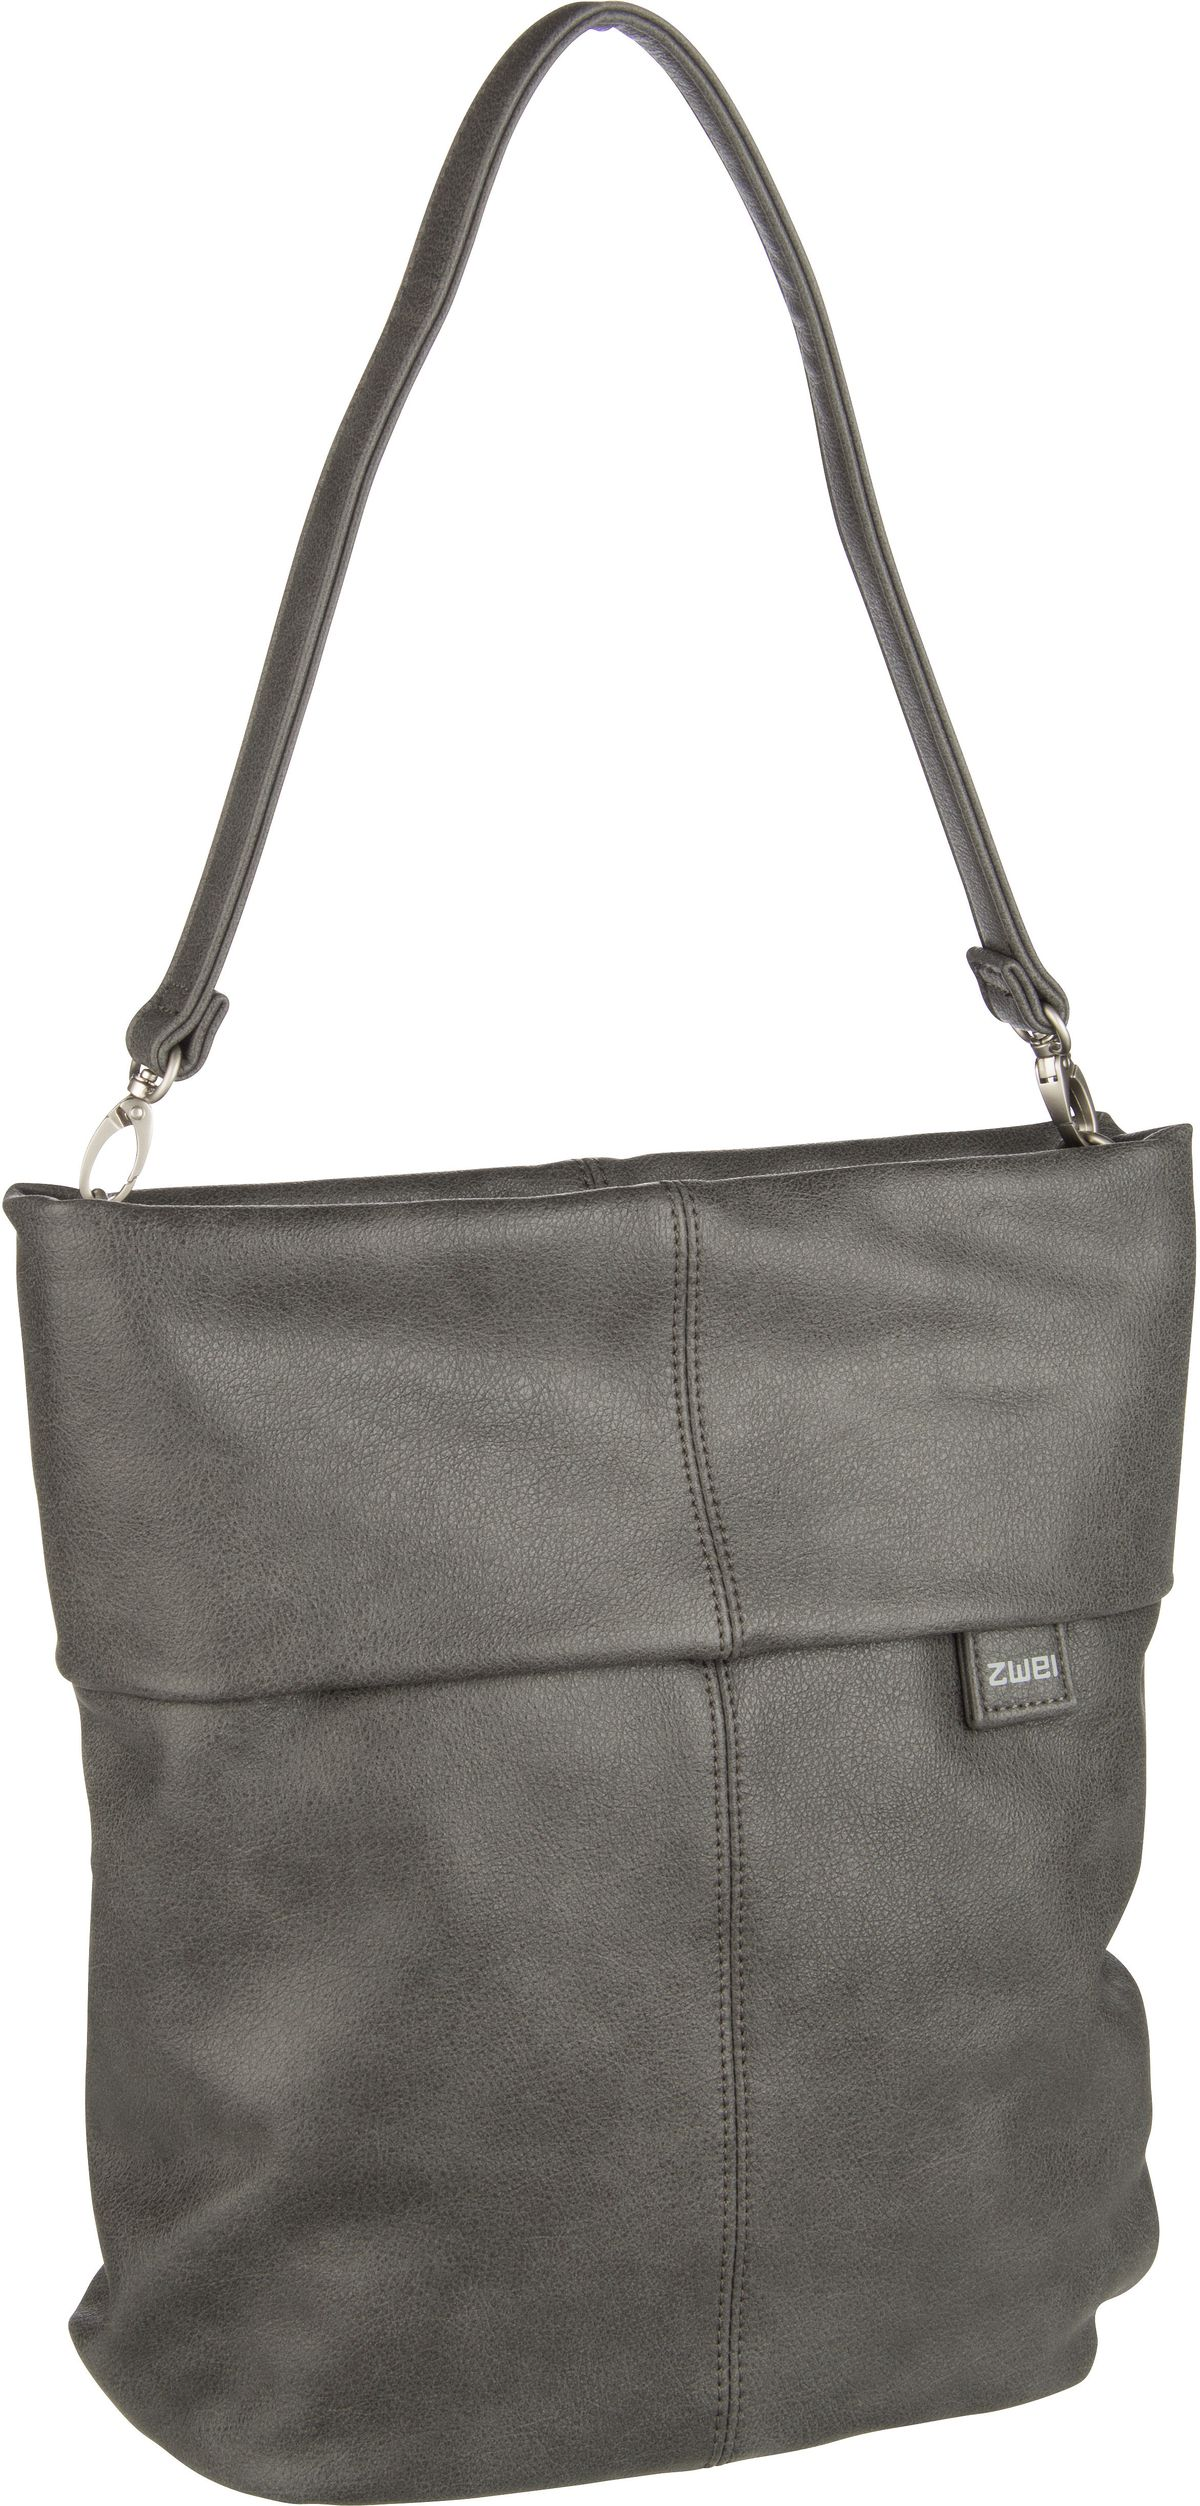 Handtasche Mademoiselle M12 Rough/Stone (7 Liter)